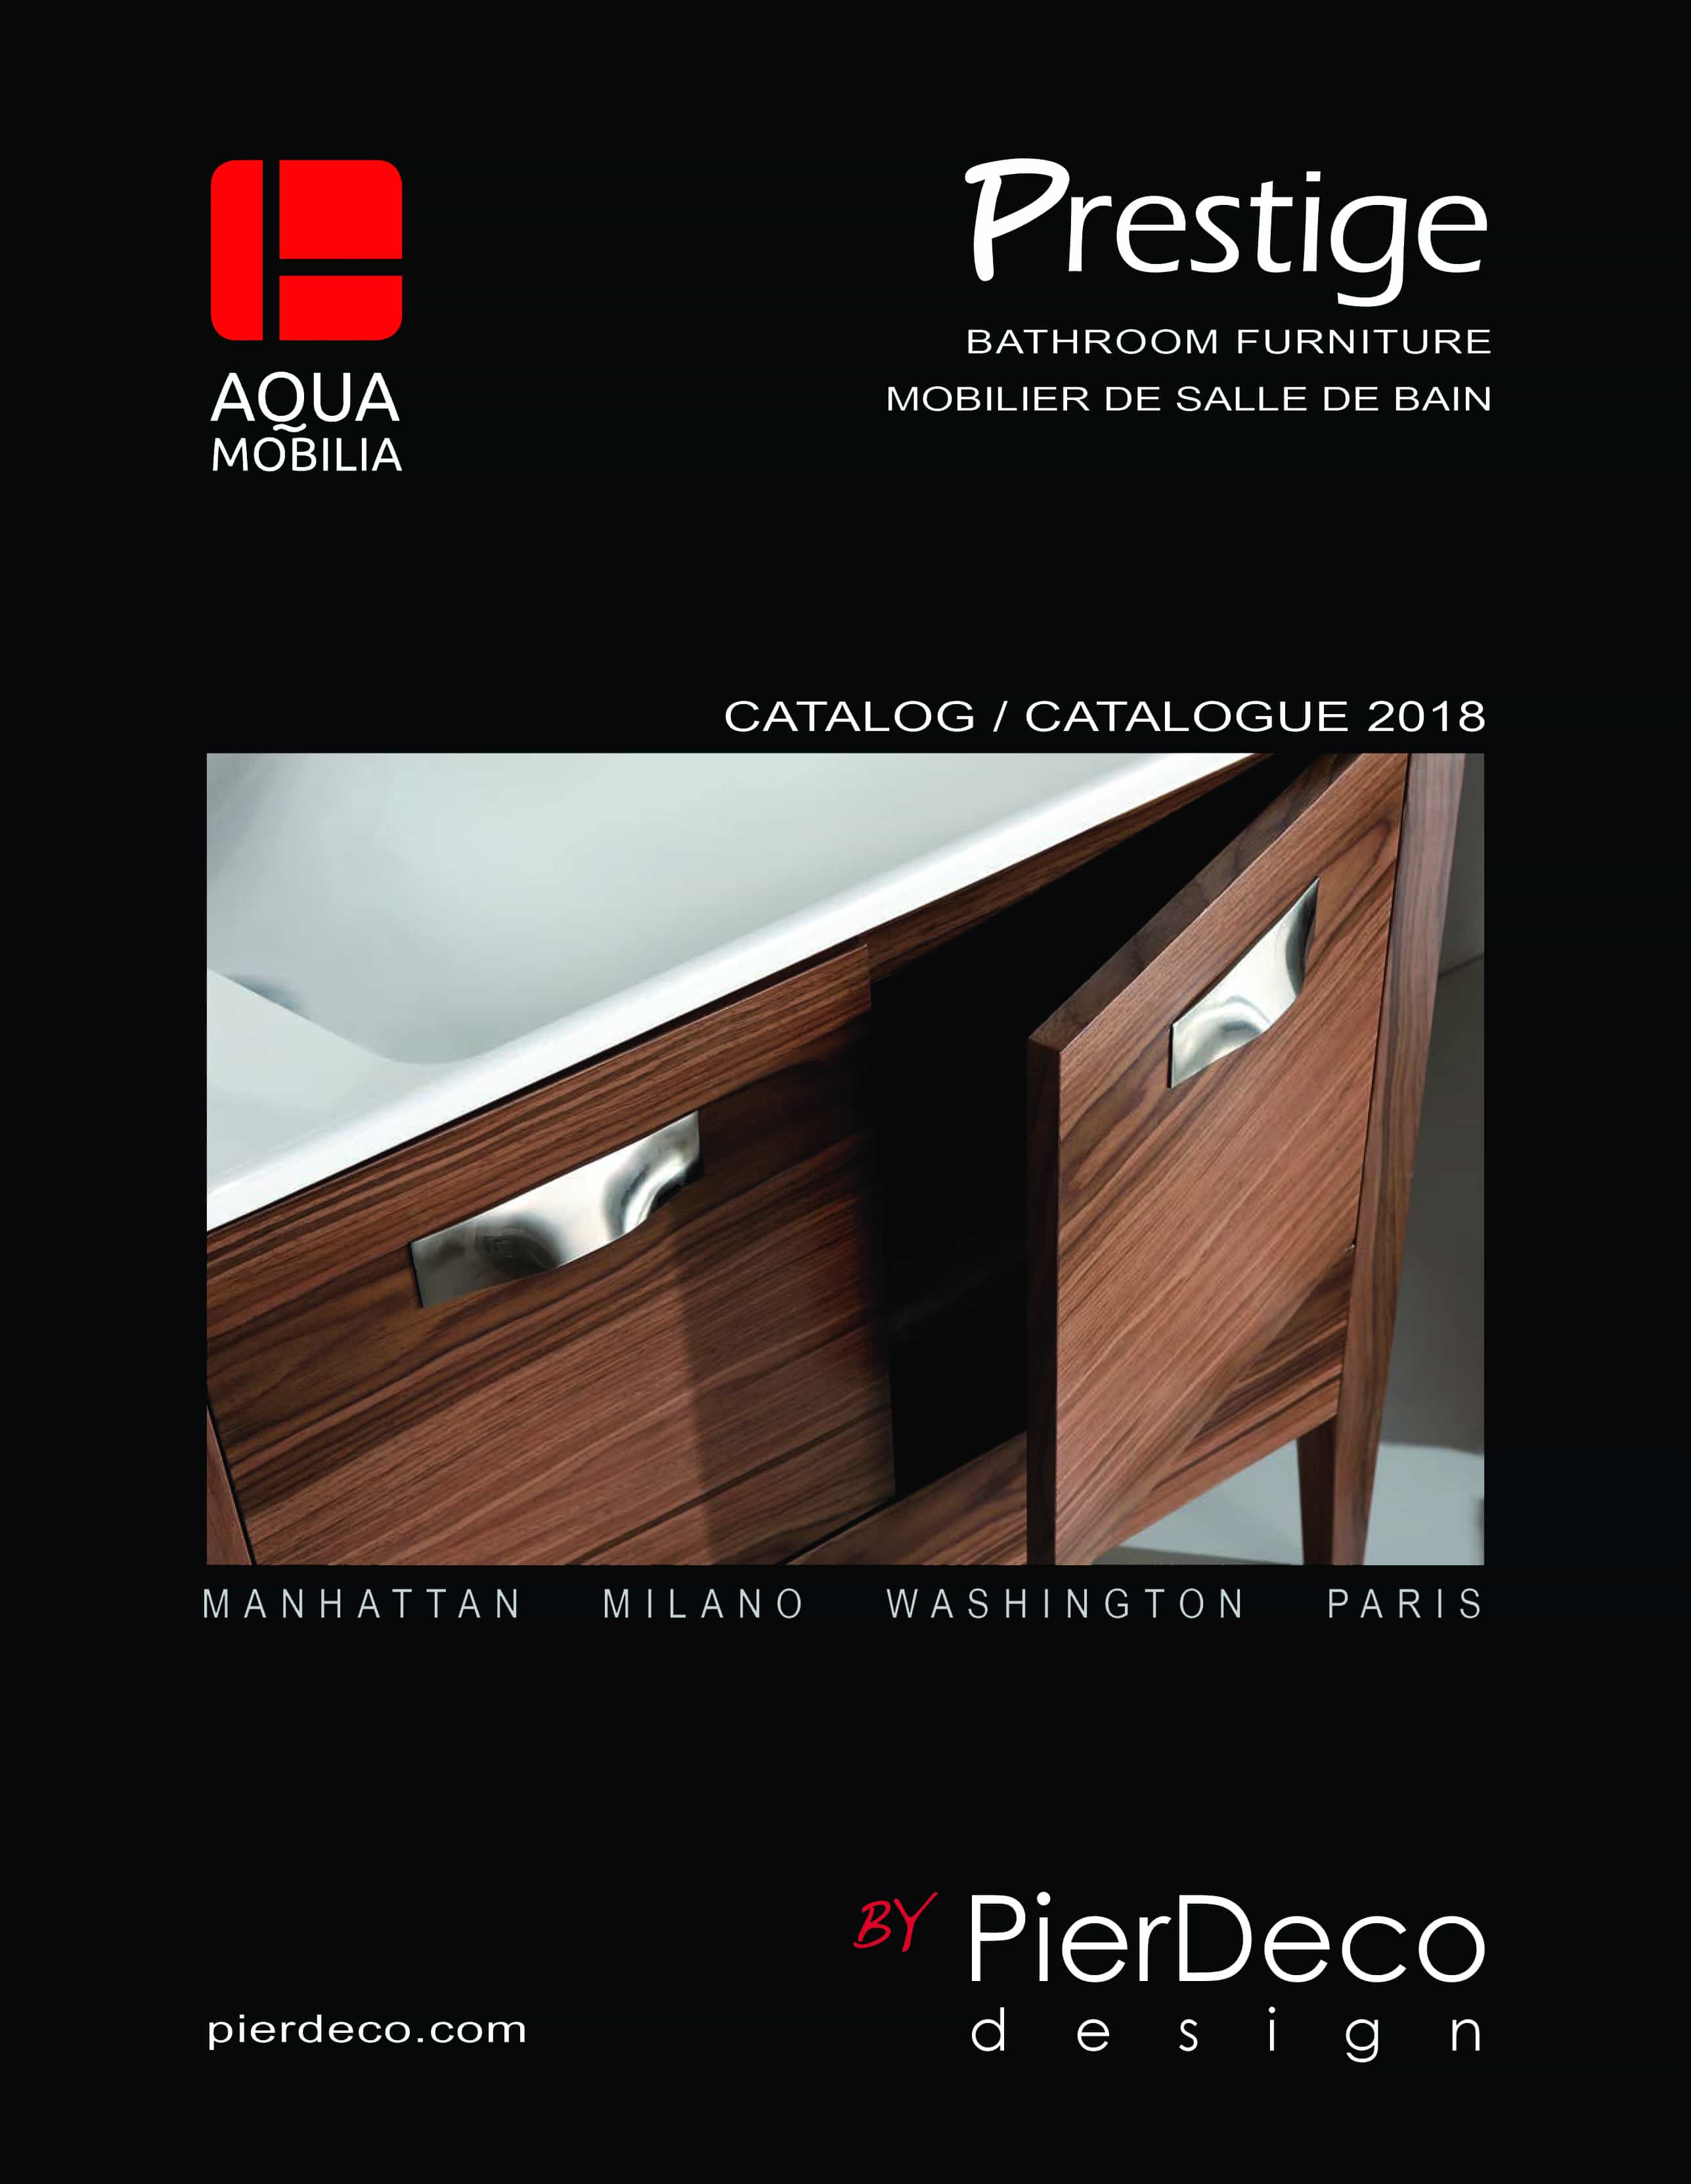 Brochureaquamobilia20p 7decindd Pierdeco Design